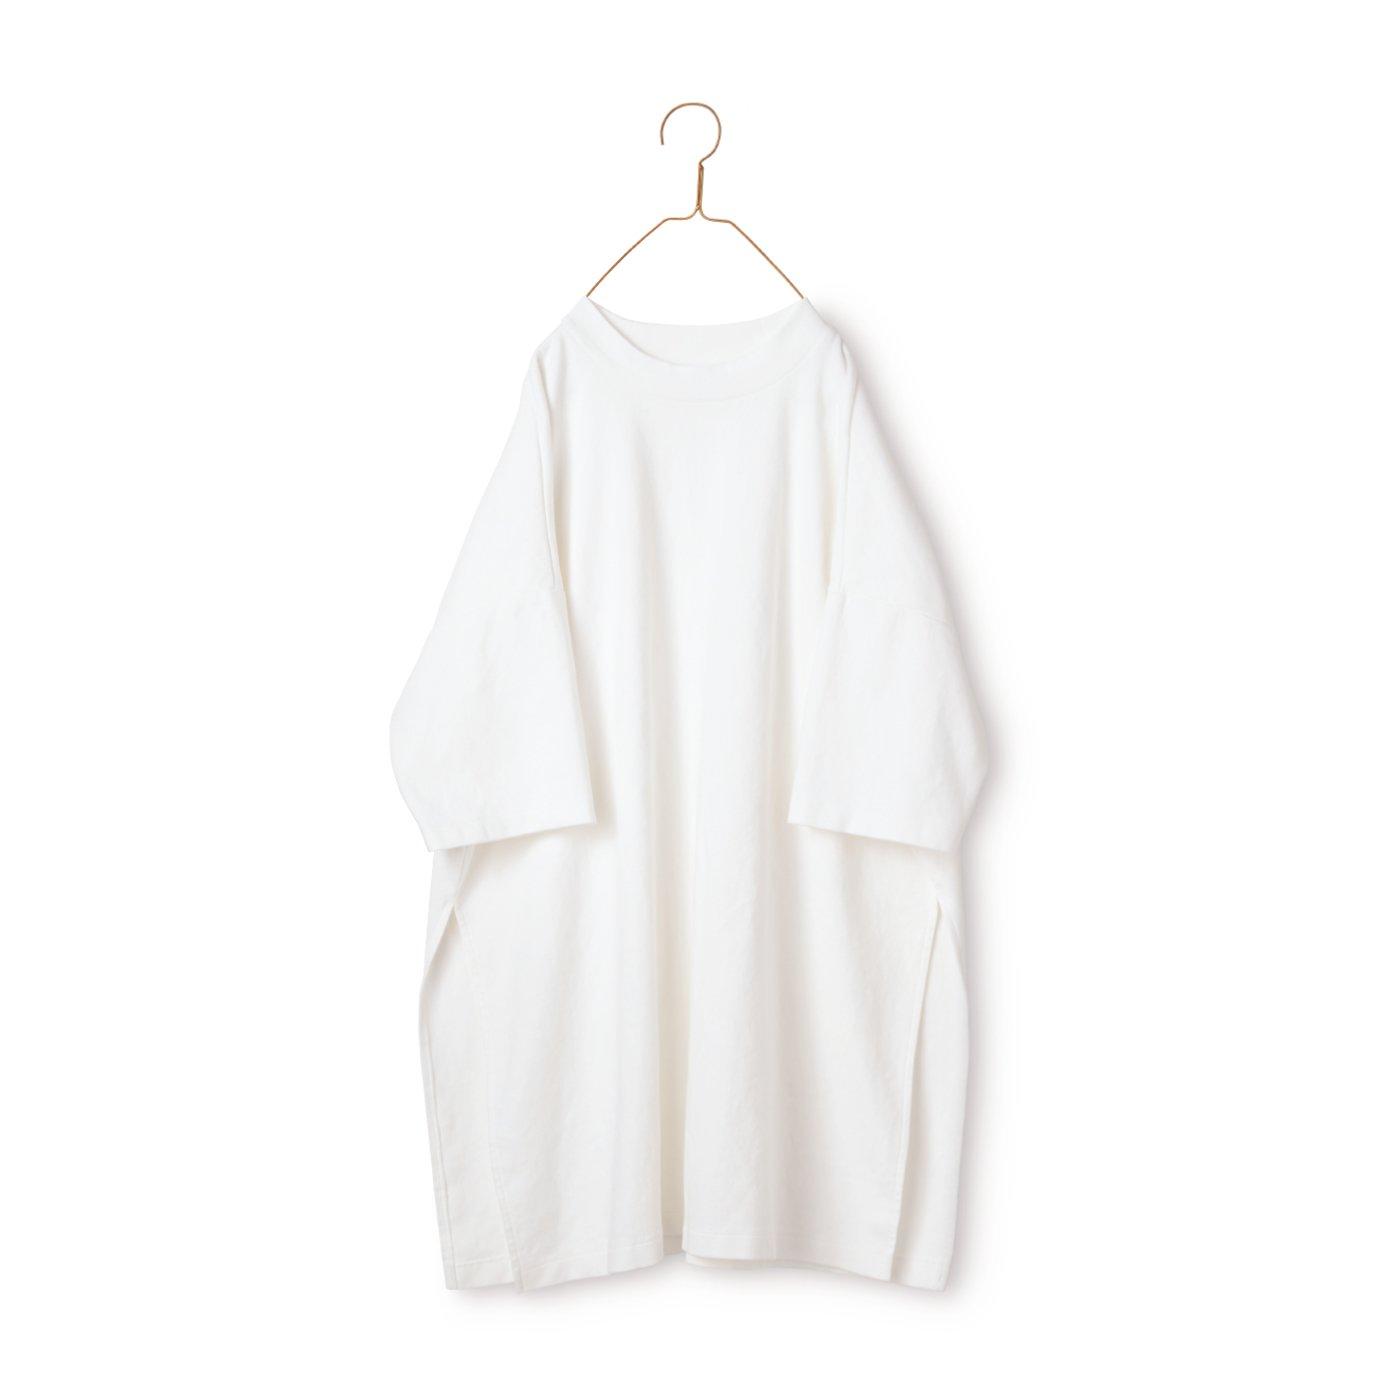 サニークラウズ ノッポのTシャツ〈レディース〉白